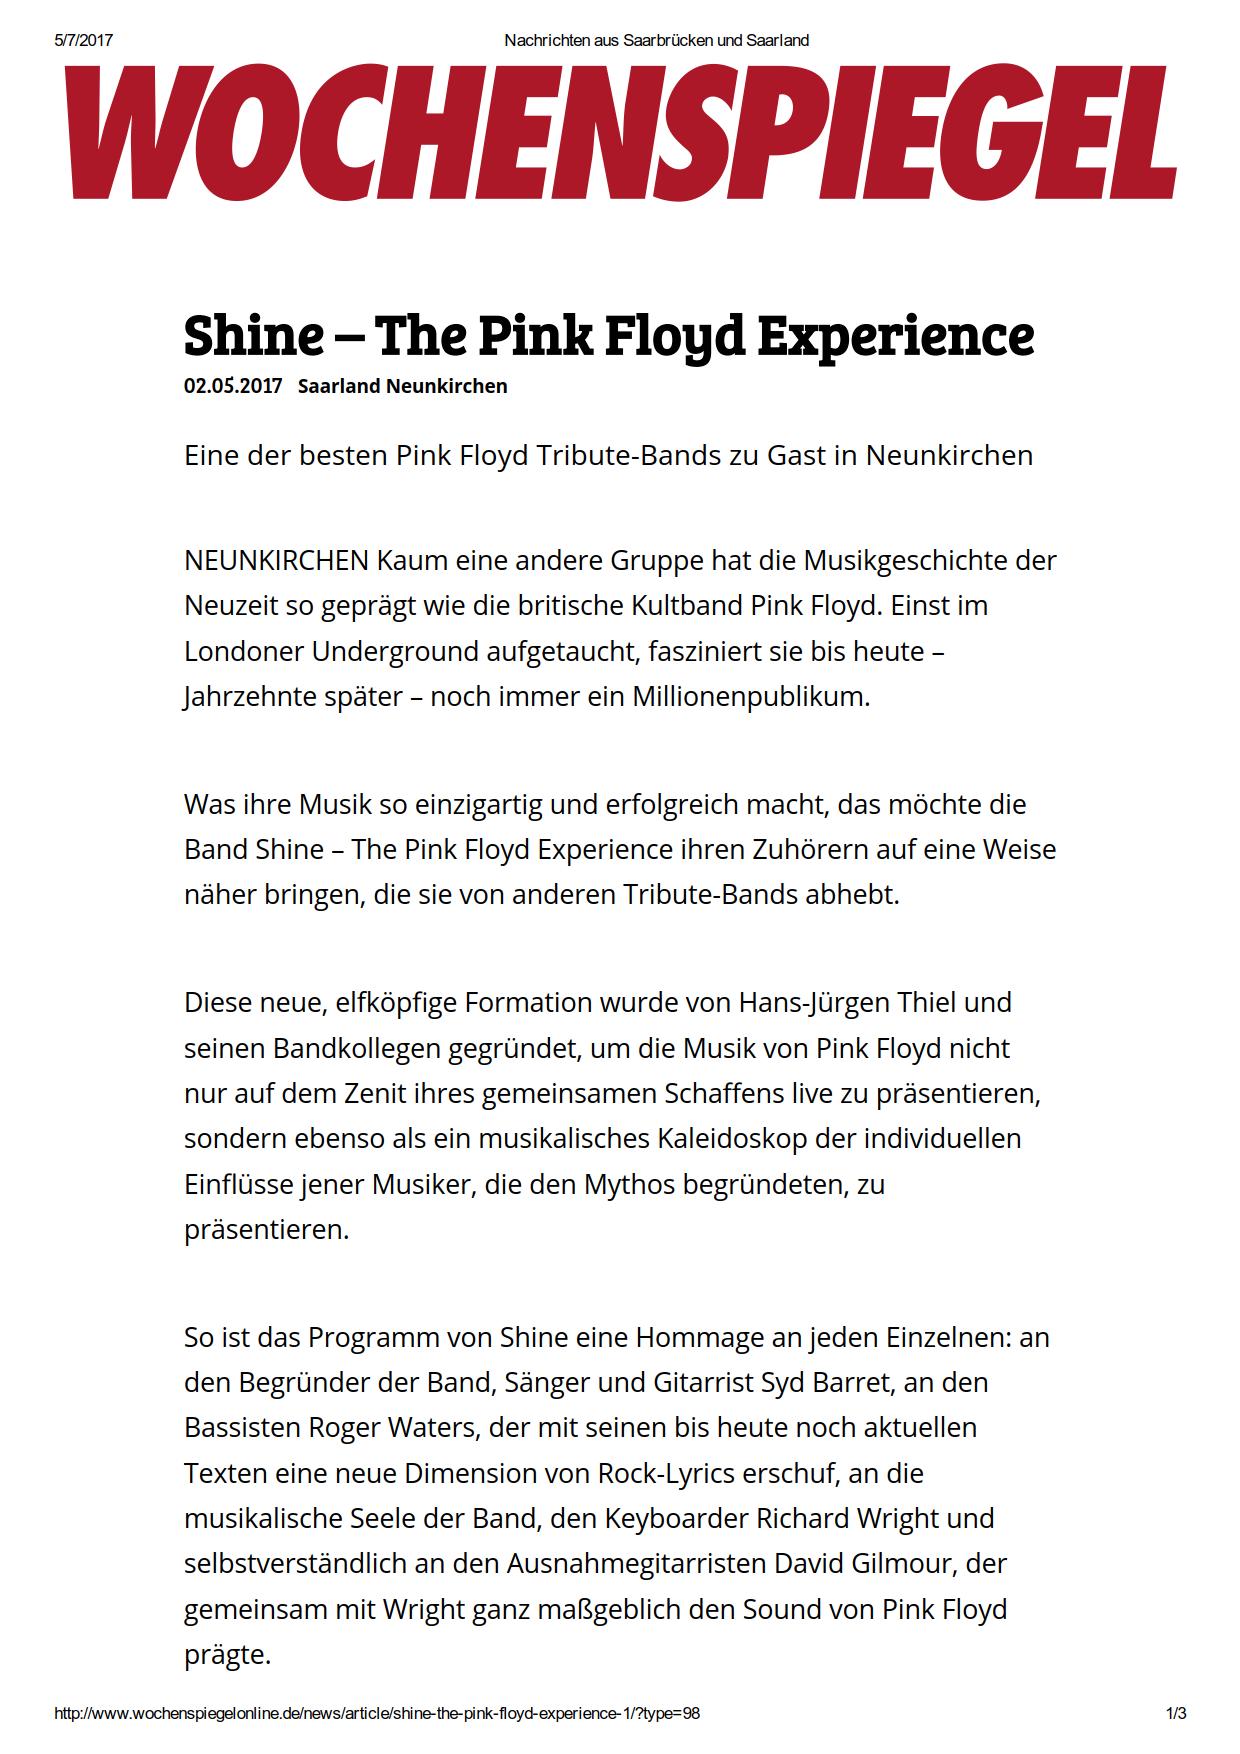 Shine – The Pink Floyd Experience_ Eine der besten Pink Floyd Tribute-Bands zu Gast in Neunkirchen_1.png